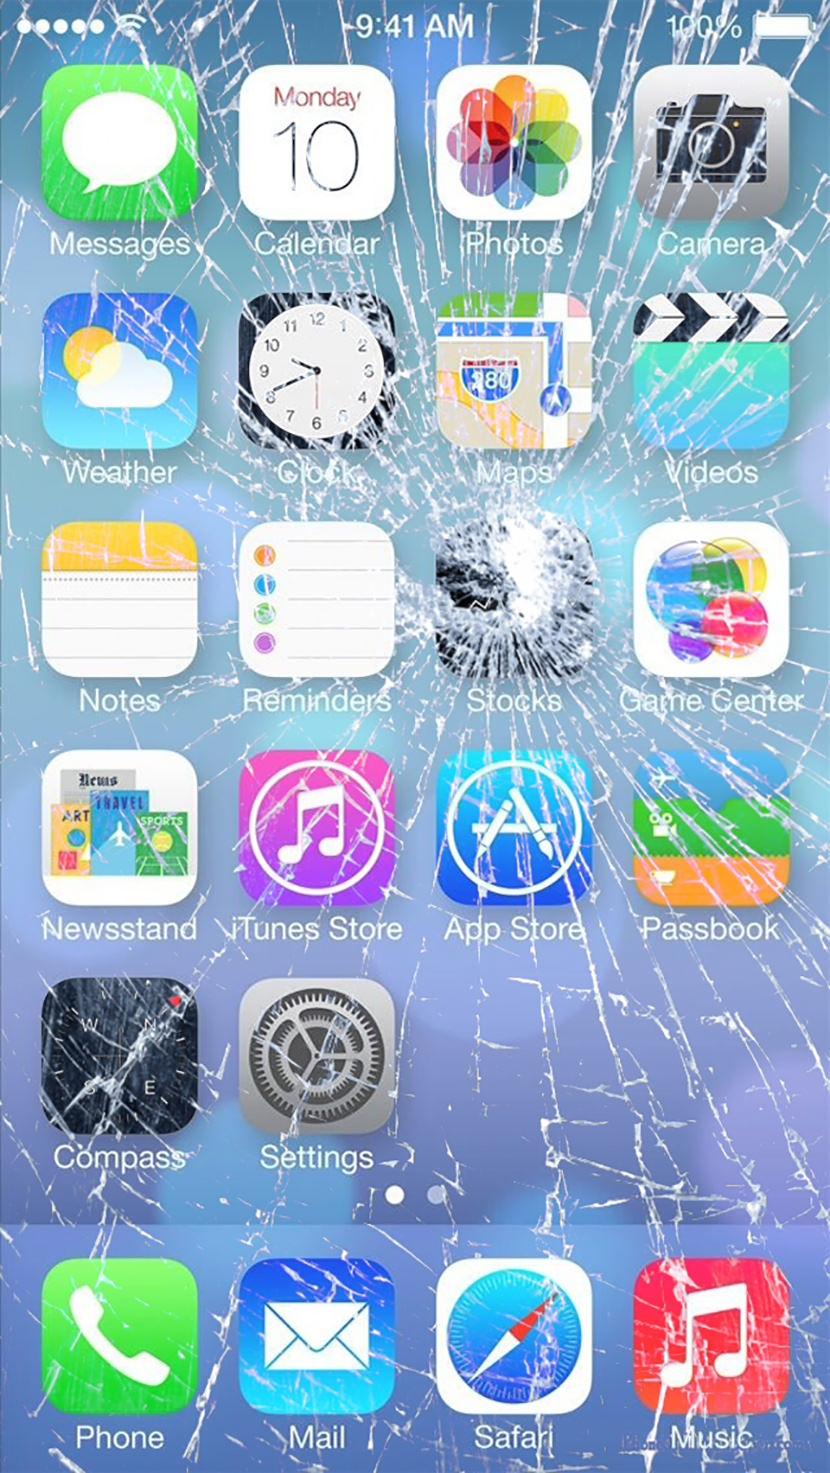 Cracked Screen Wallpaper Iphone 6 7 Broken Screen Wallpapers For Apple Iphone Best Prank